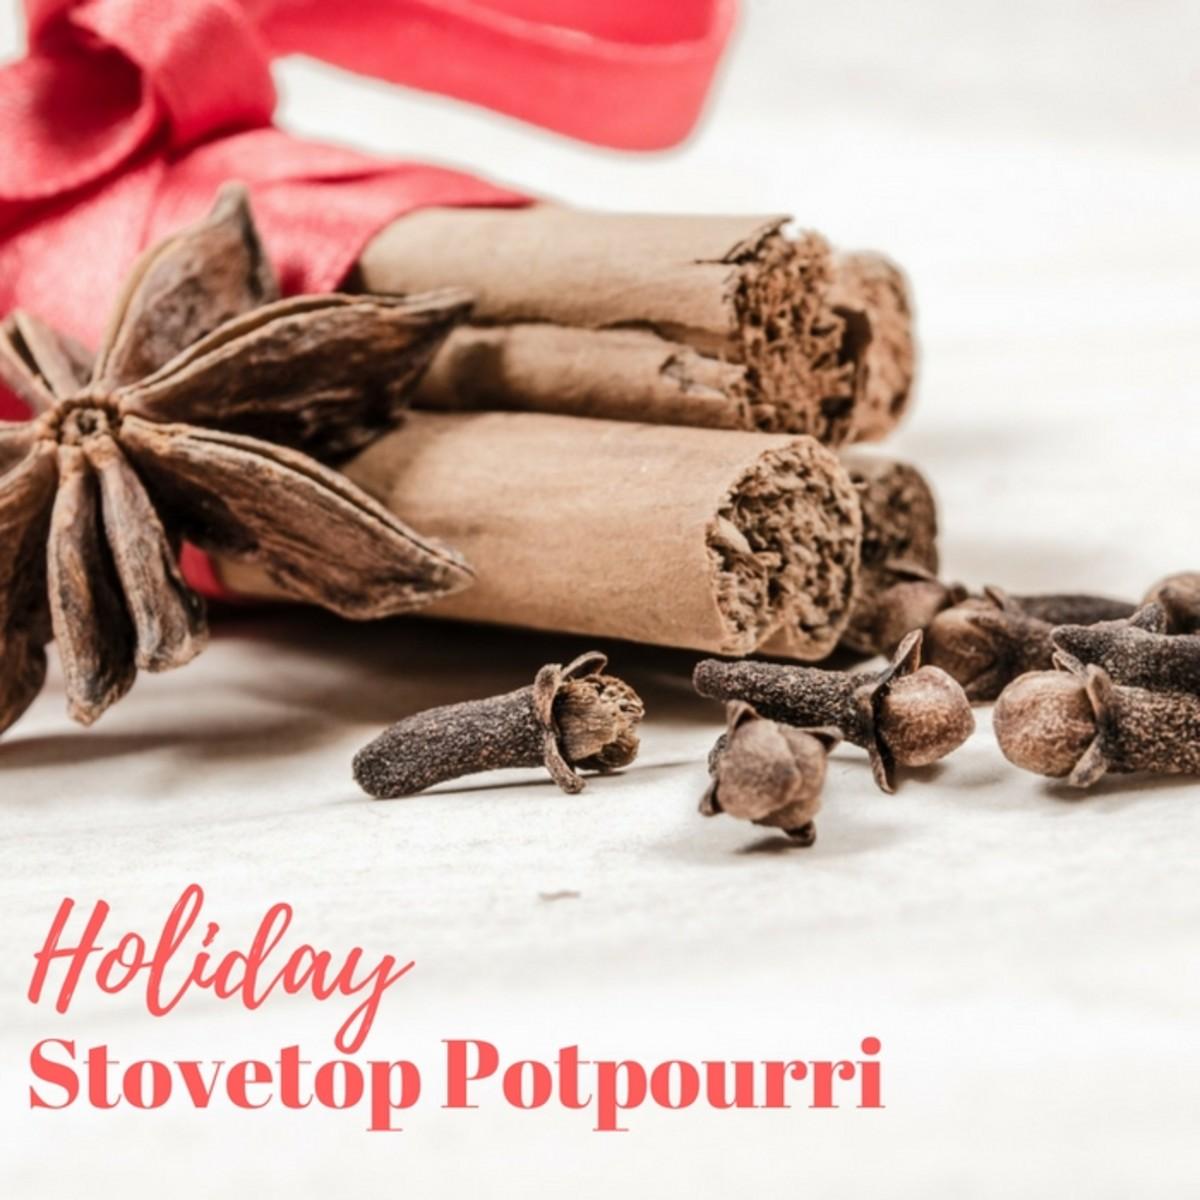 Holiday Stovetop Potpourri